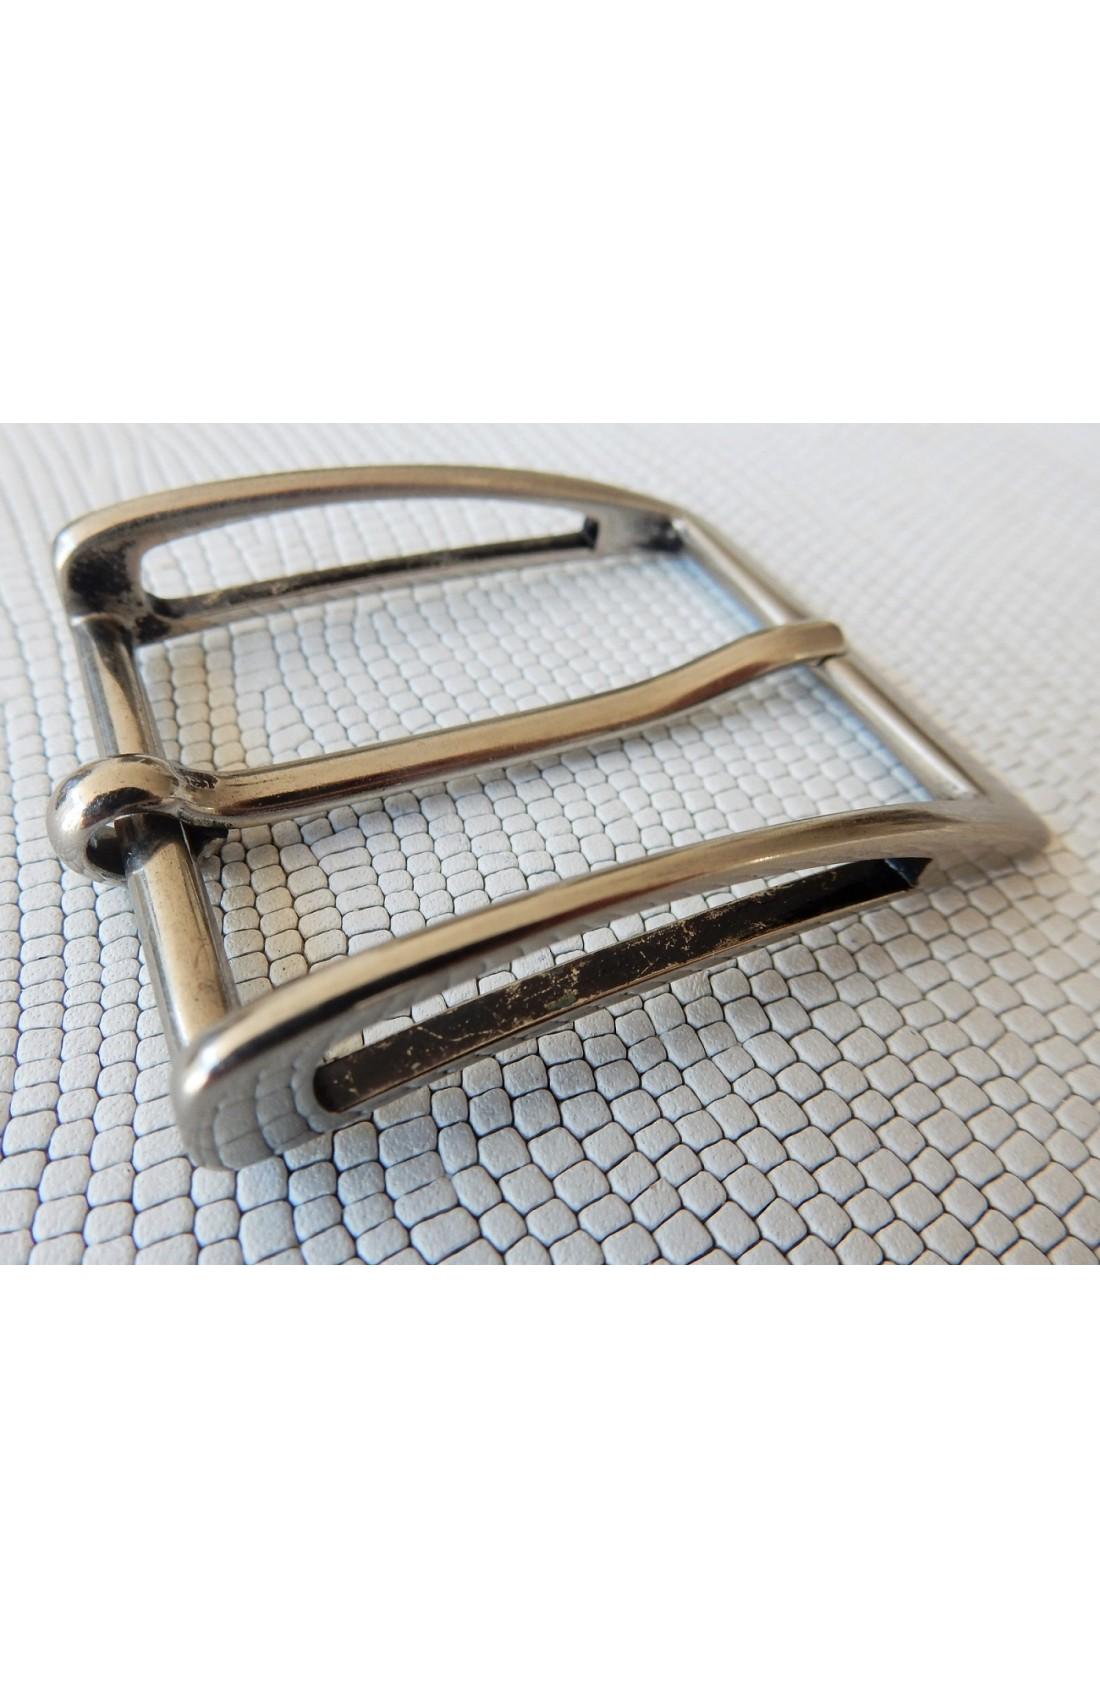 Fibbia Standard B 756 mm.35 nikel vecchio (2)